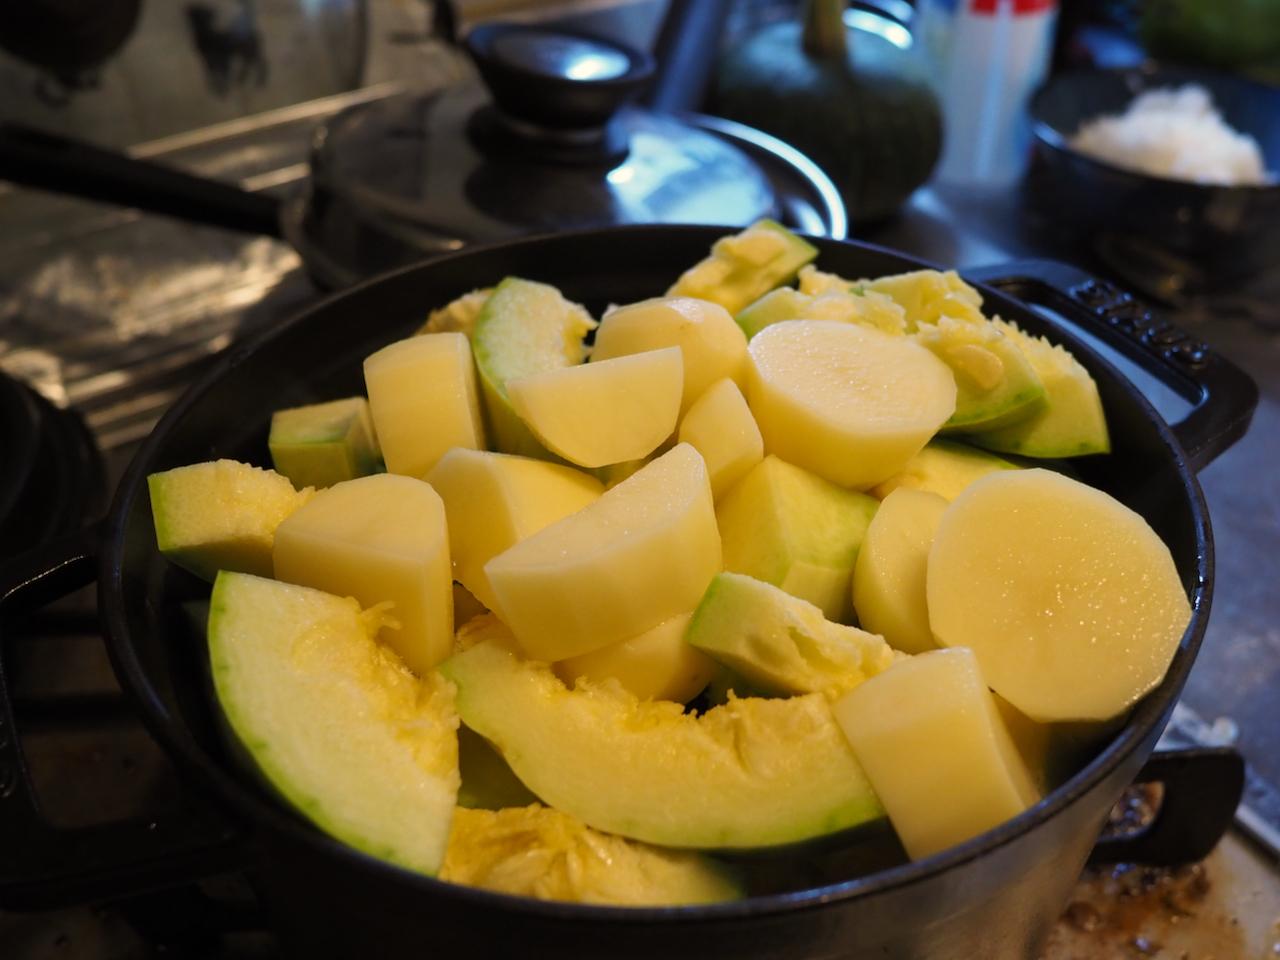 zucchini_2107-104.jpeg